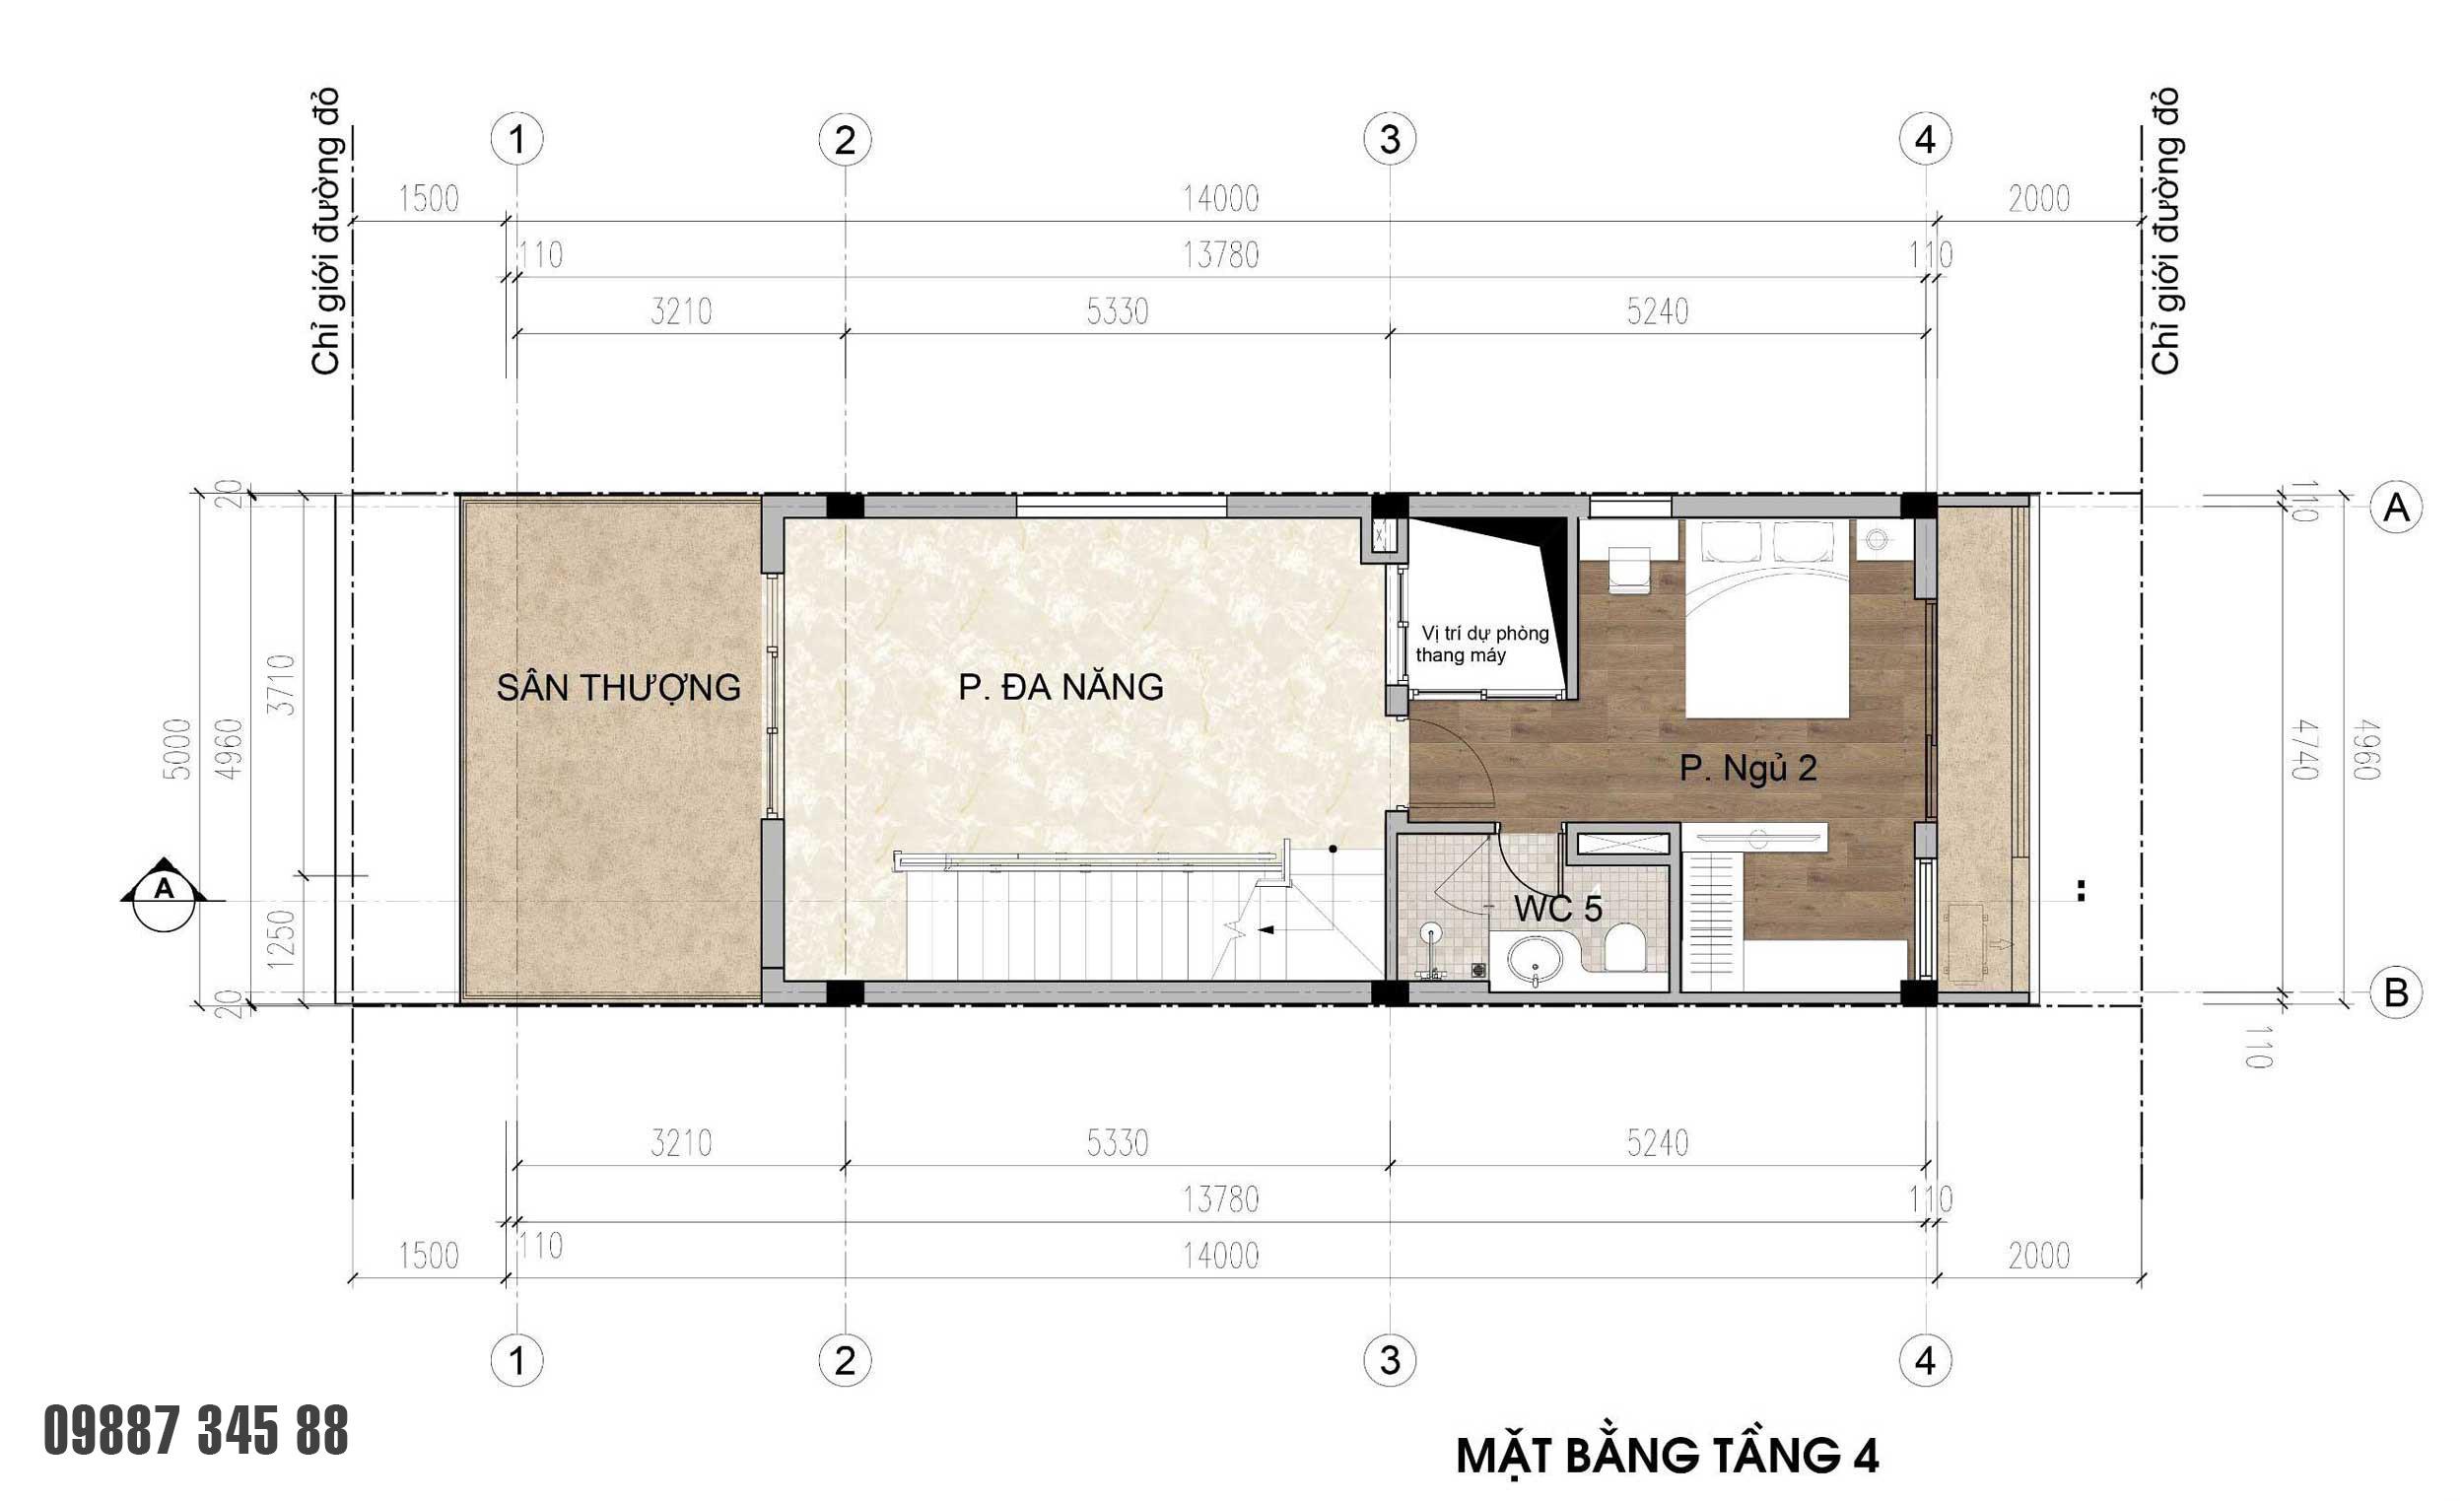 Mặt bằng tầng 04 - nhà phố góc Thủy Trúc(5x17,5m)